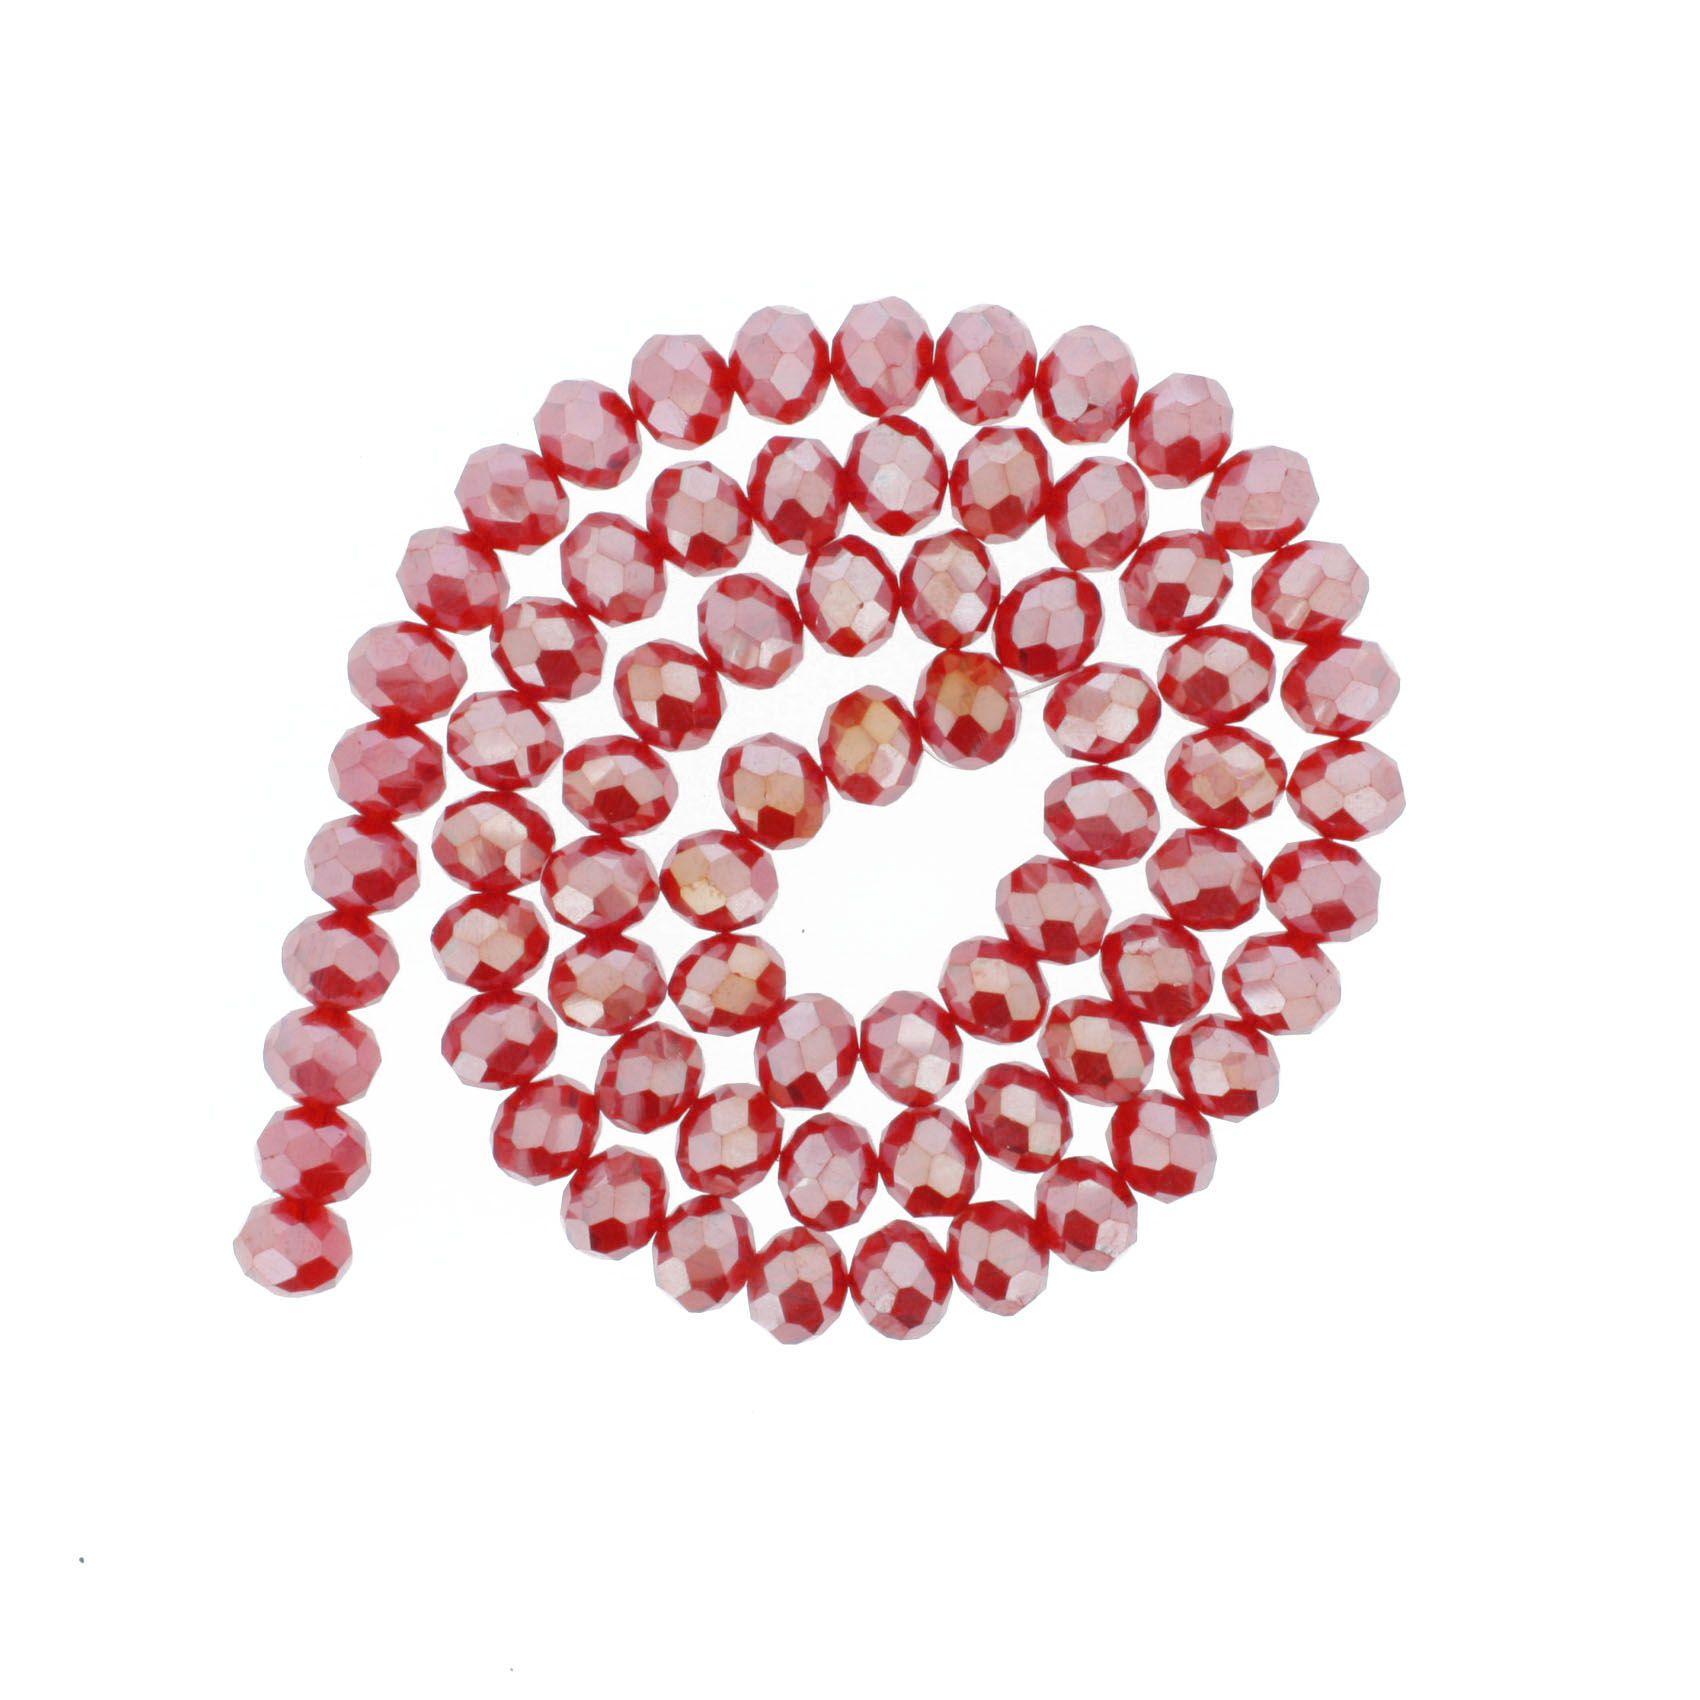 Fio de Cristal - Flat® - Vermelho Irizado - 10mm  - Stéphanie Bijoux® - Peças para Bijuterias e Artesanato